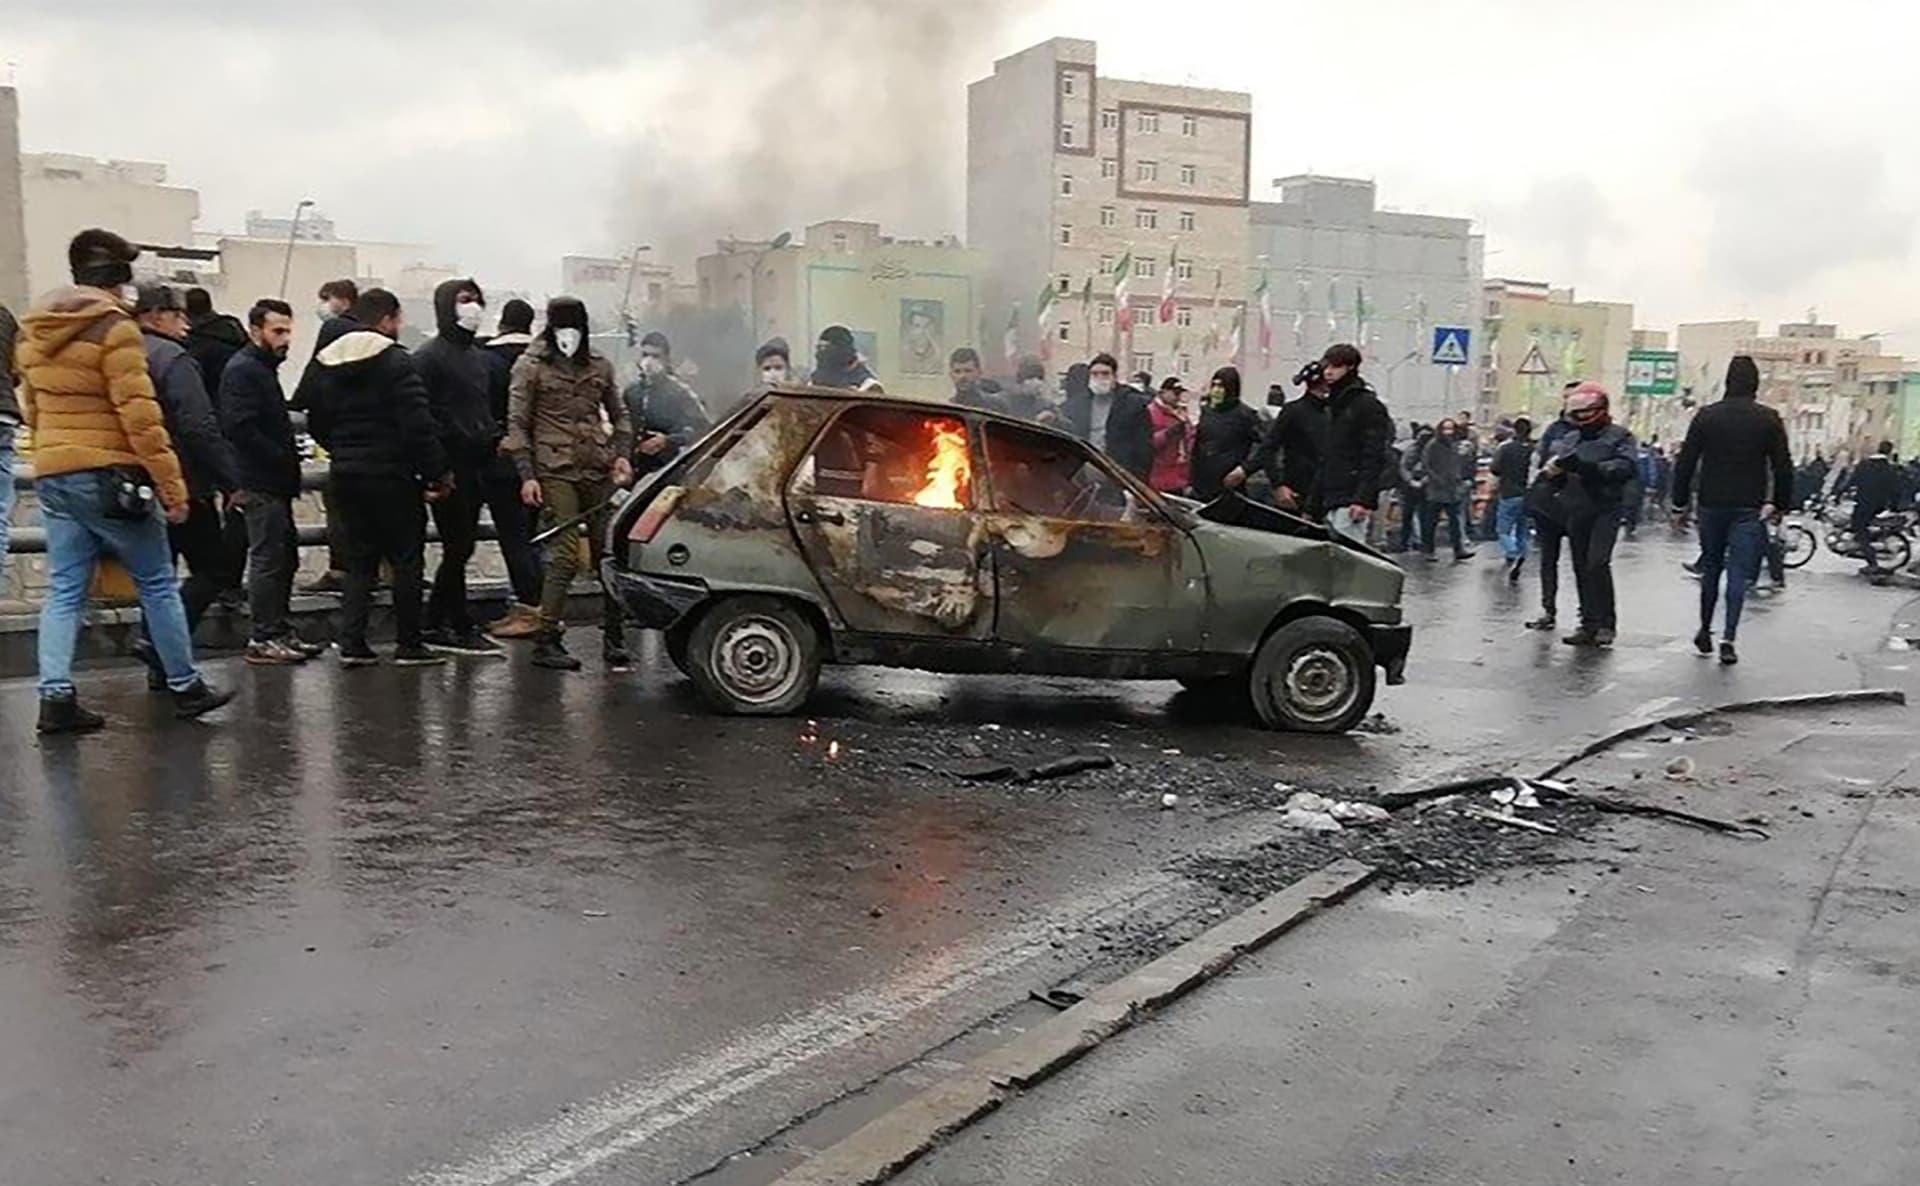 جانب من الاحتجاجات في طهران ضد رفع أسعار الوقود